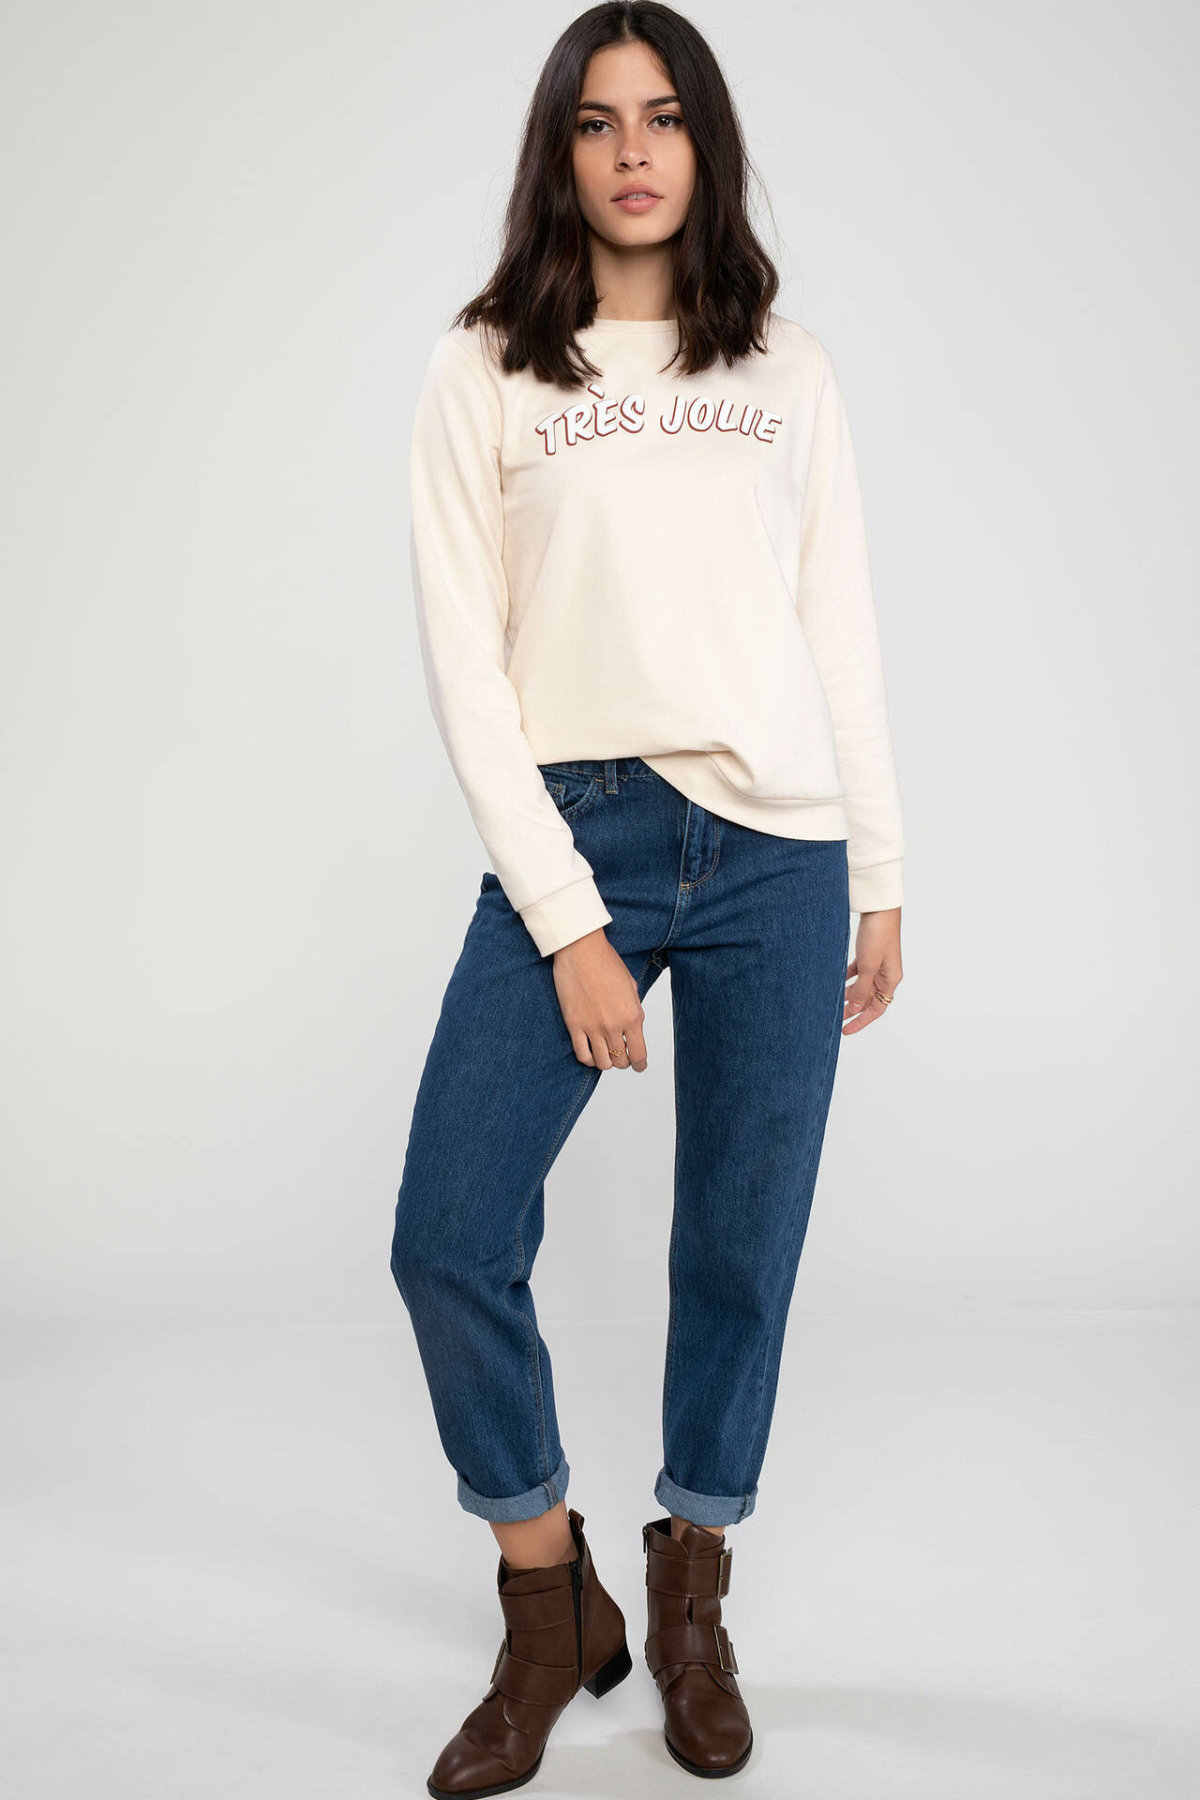 DeFacto kobiety proste Crewneck wzór w napisy luźny pulower z długim rękawem kobiety bluzy topy jesień nowy-K4908AZ18WN